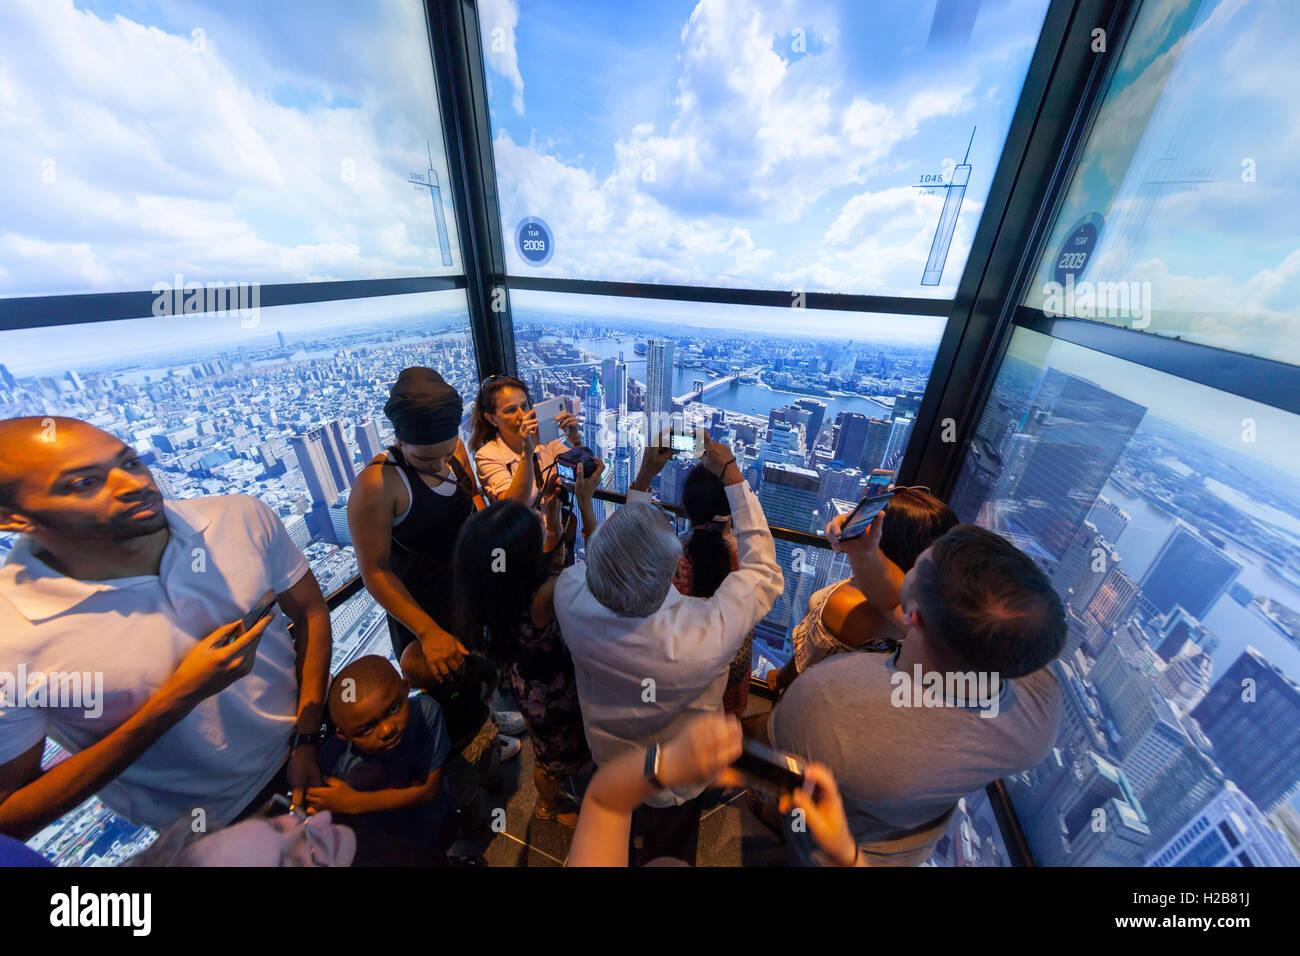 Équitation dans l'ascenseur de la tour de la liberté en haut et entouré de vues multimédia Photo Stock